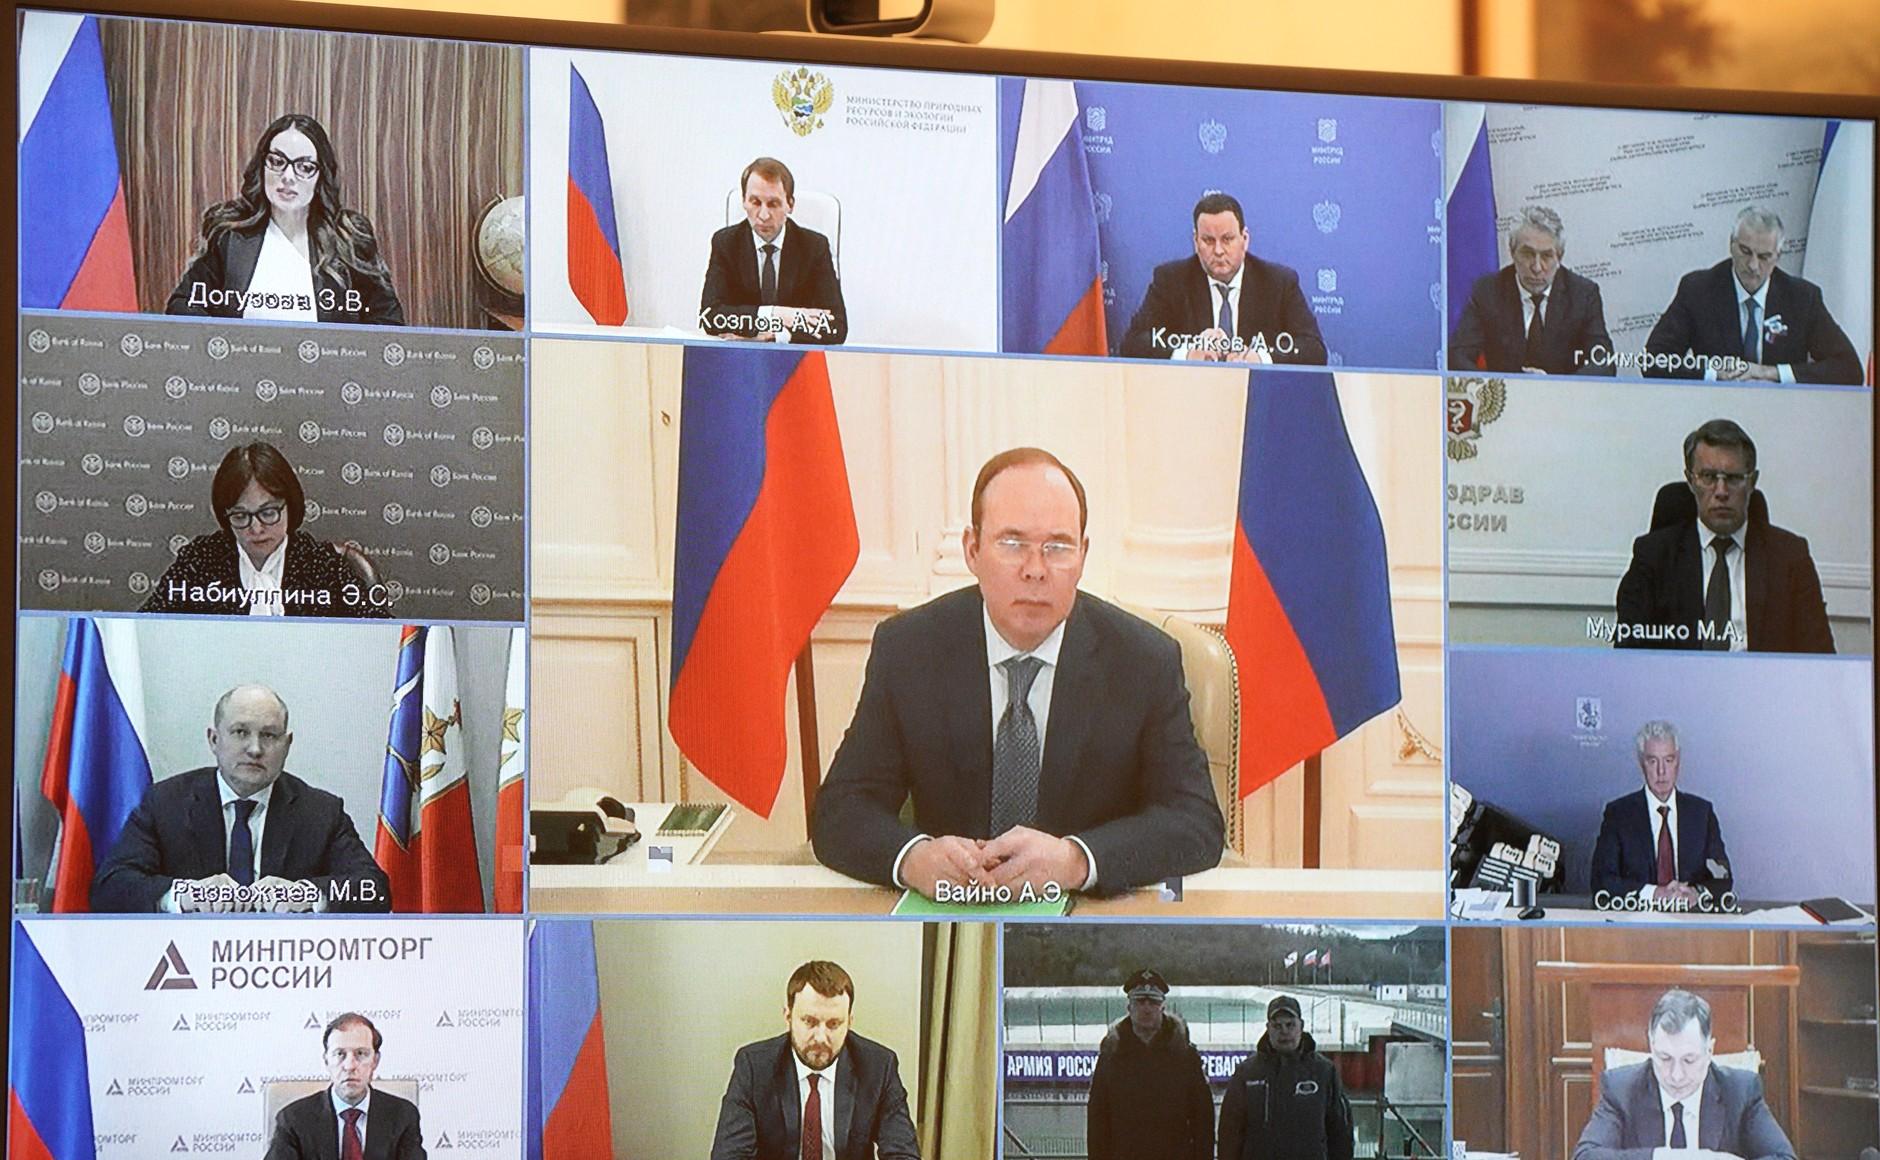 ECO CRIMEE RU 2 XX 3 Réunion sur le développement socio-économique de la Crimée et de Sébastopol - 18 mars 2021 - 17H15